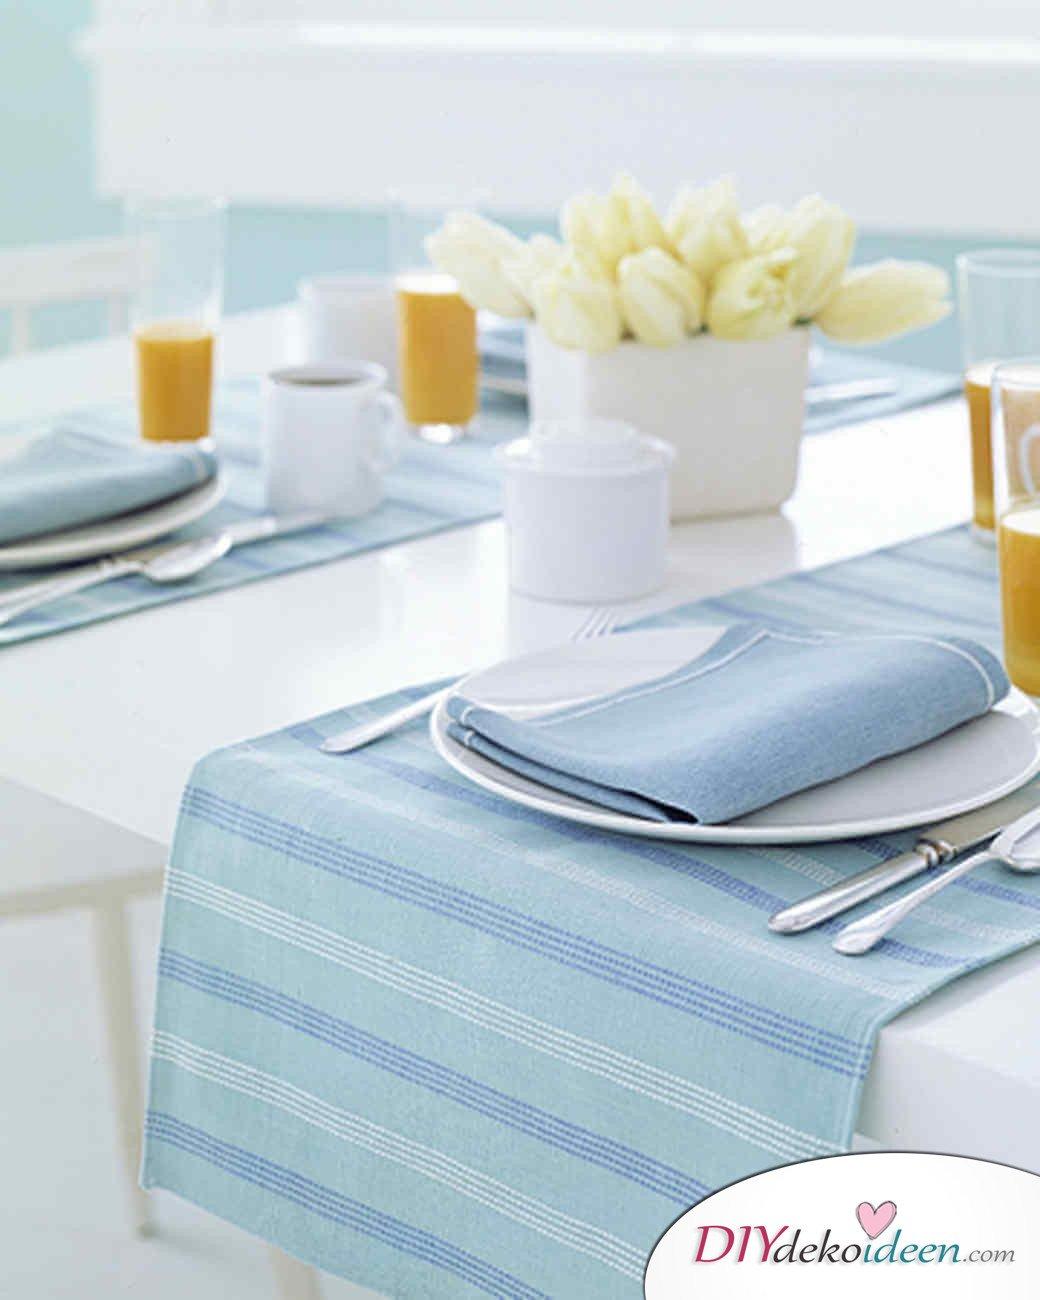 DIY Ideen - Frühlingsdeko selbst gestalten - Tischset für zwei